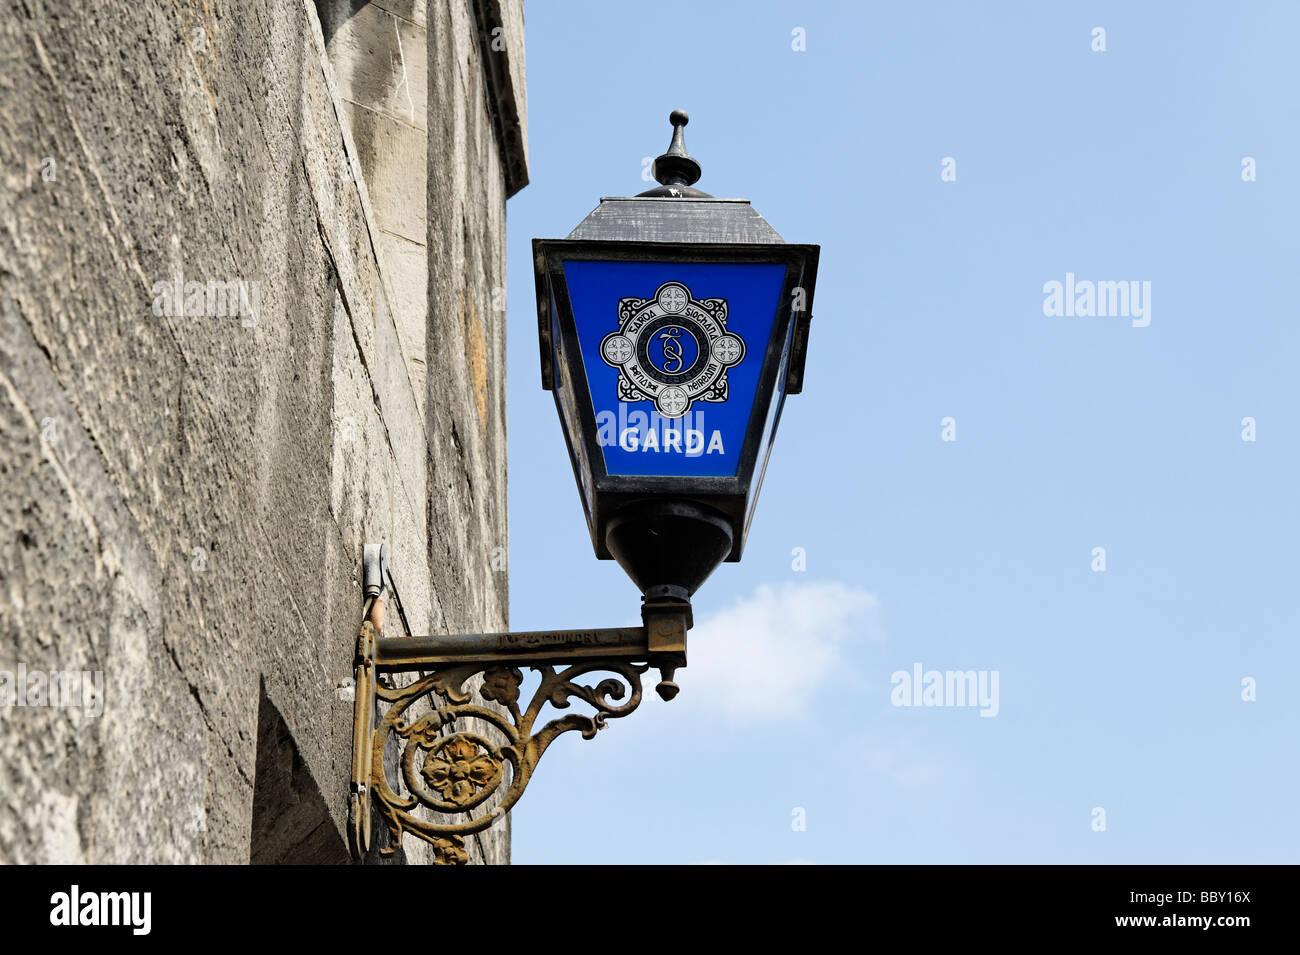 Irish Garda police lamp sign Dublin Republic of Ireland - Stock Image